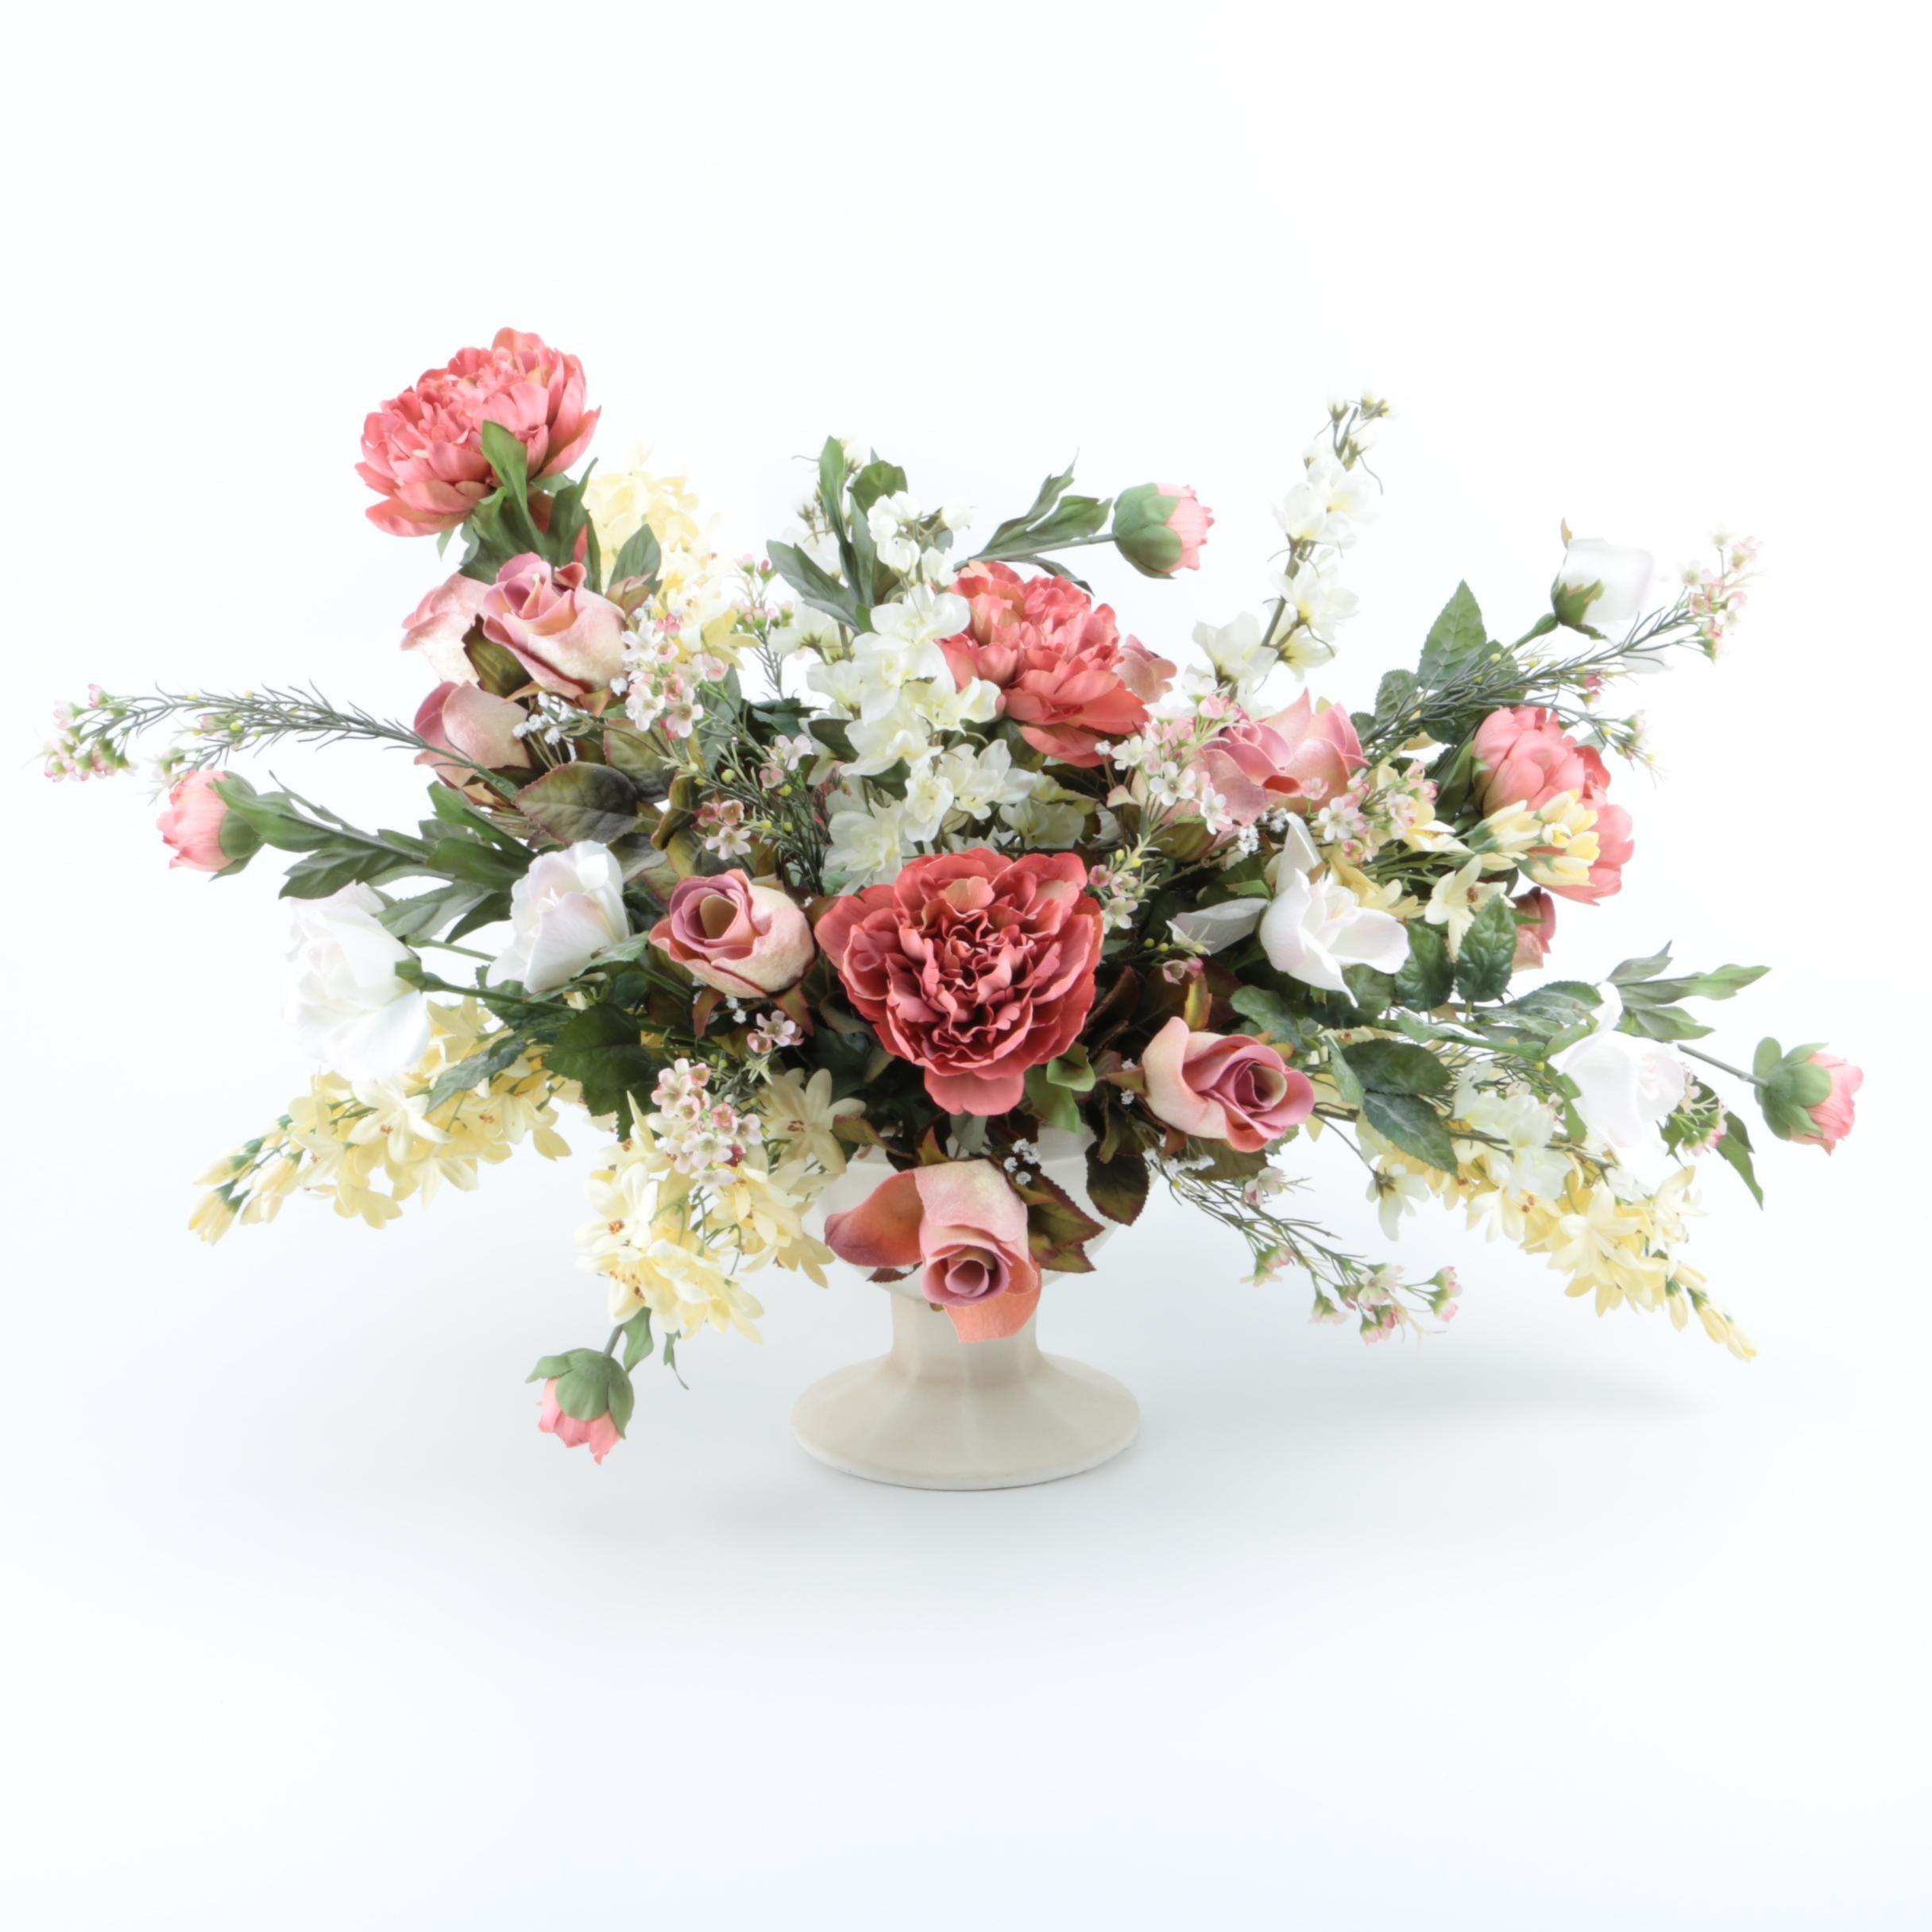 Synthetic Floral Arrangement